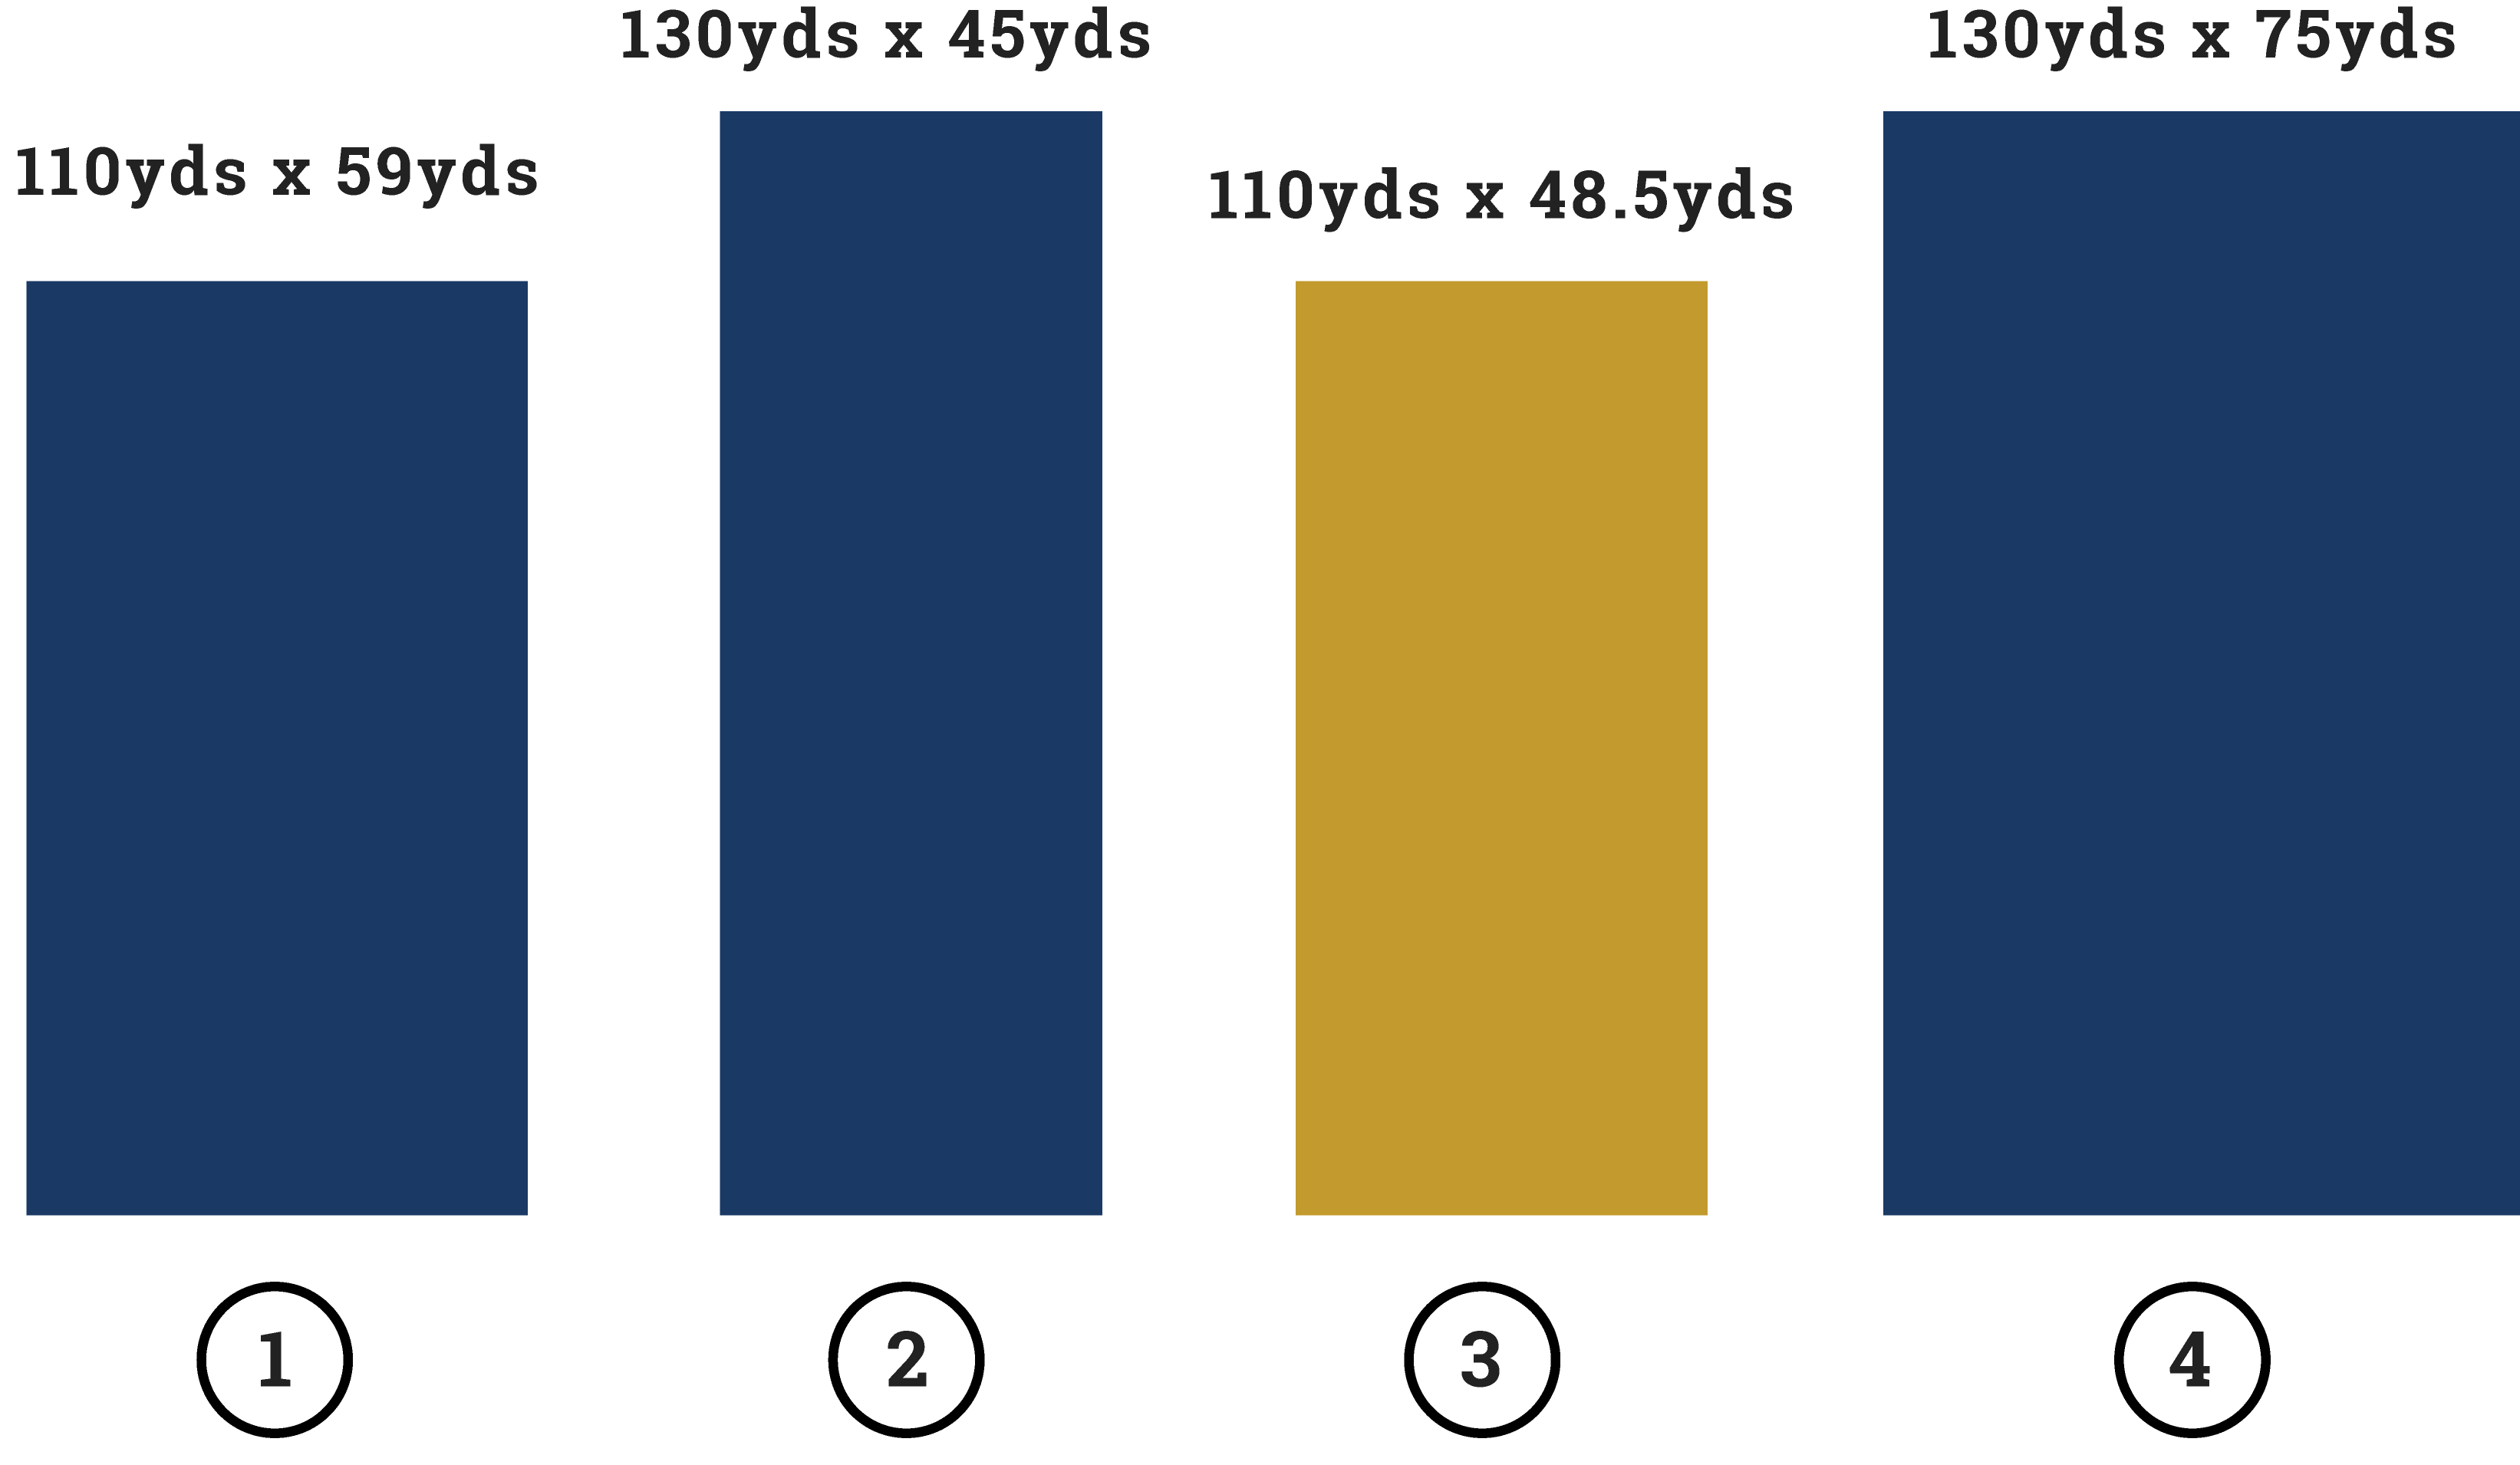 comparison of field size